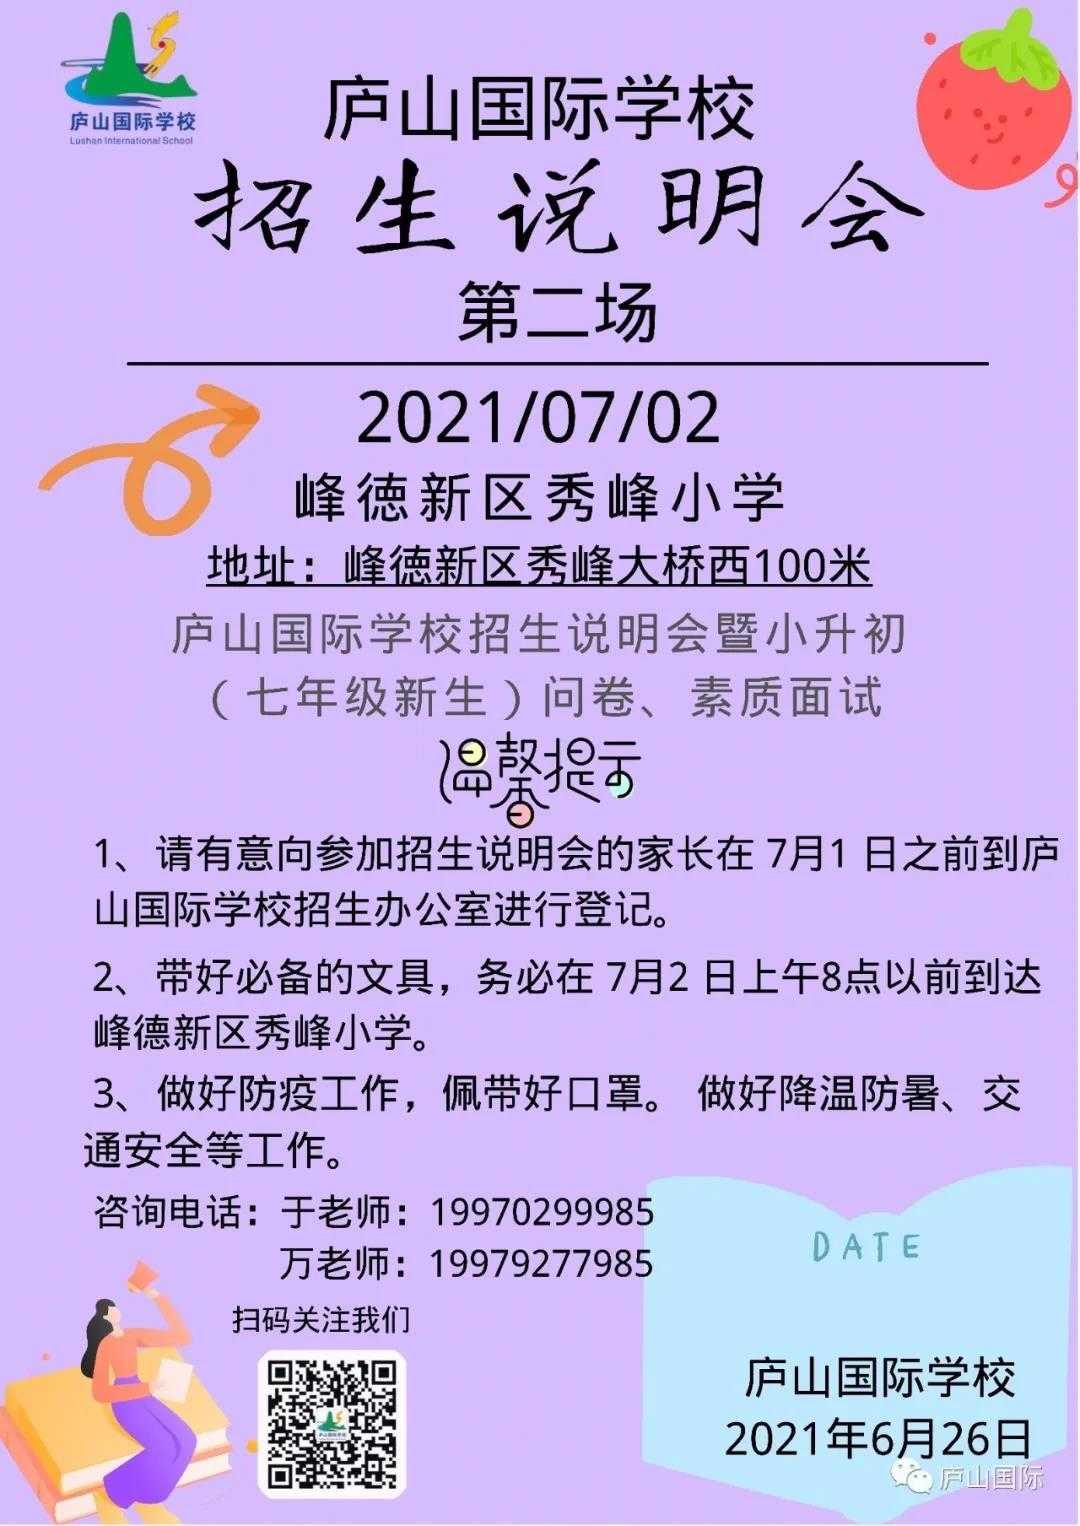 廬山國際學校小升初(七年級新生) 第二次招生說明會將在七月二日舉行